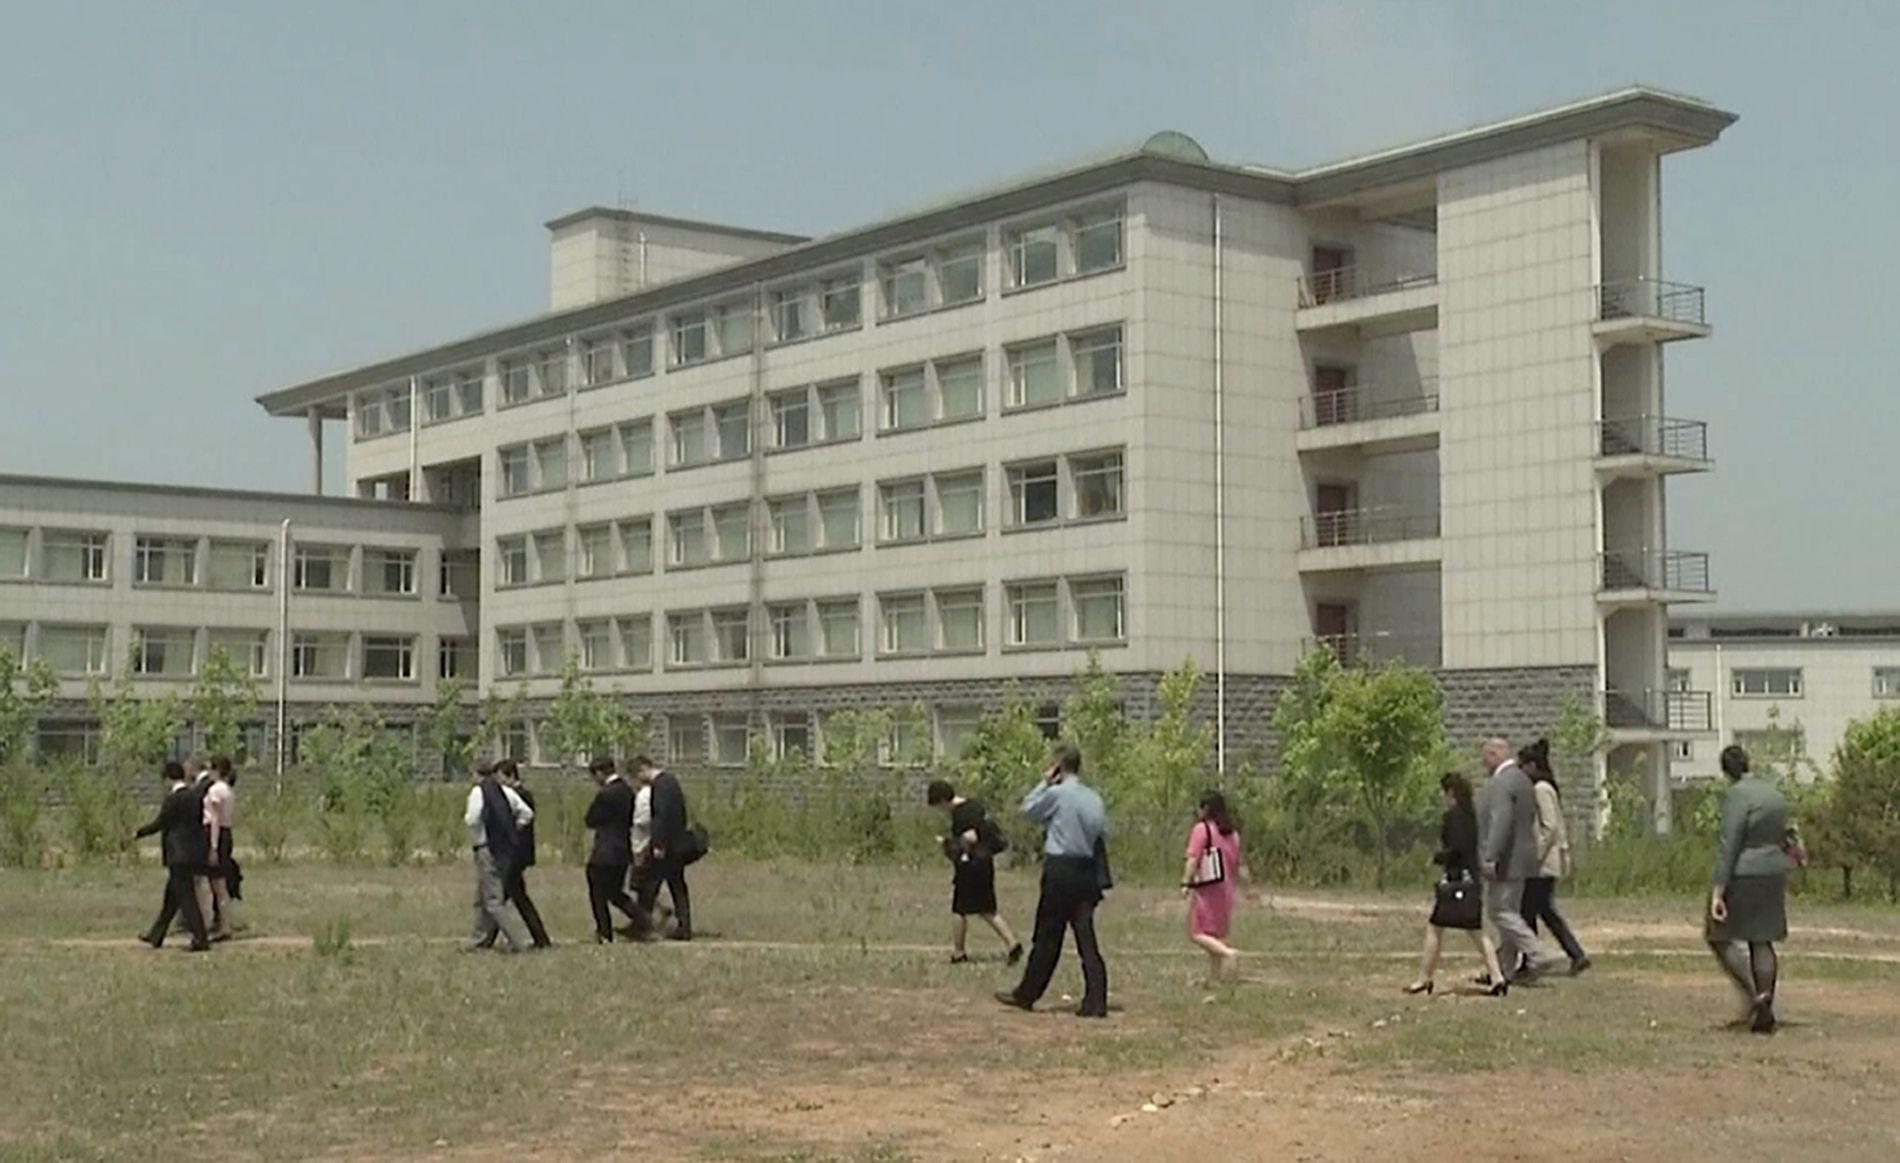 PRIVAT UNIVERSITET: Pyongyang University of Science and Technology er drevet av kristne organisasjoner.